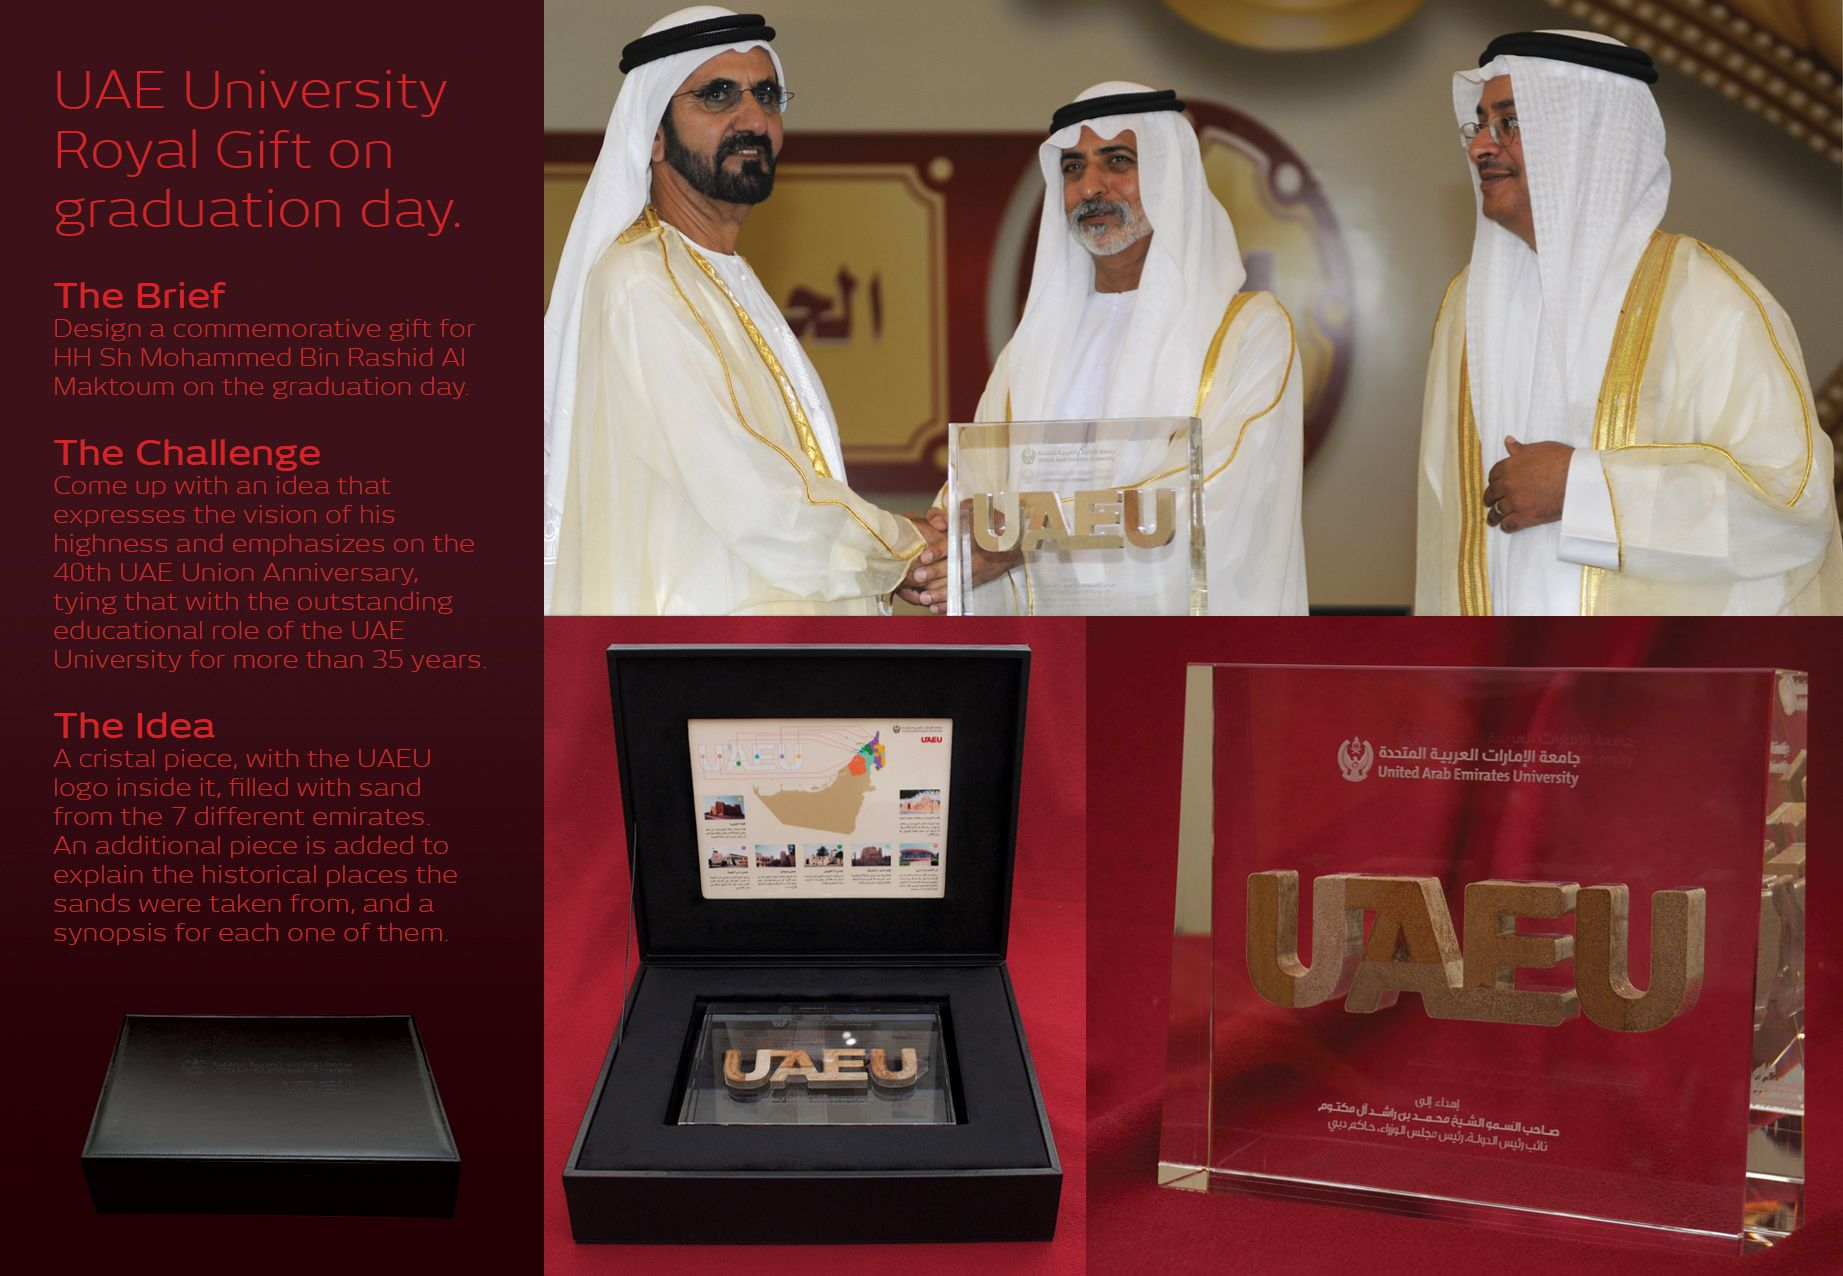 United Arab Emirates University: Graduation Ceremony Gift